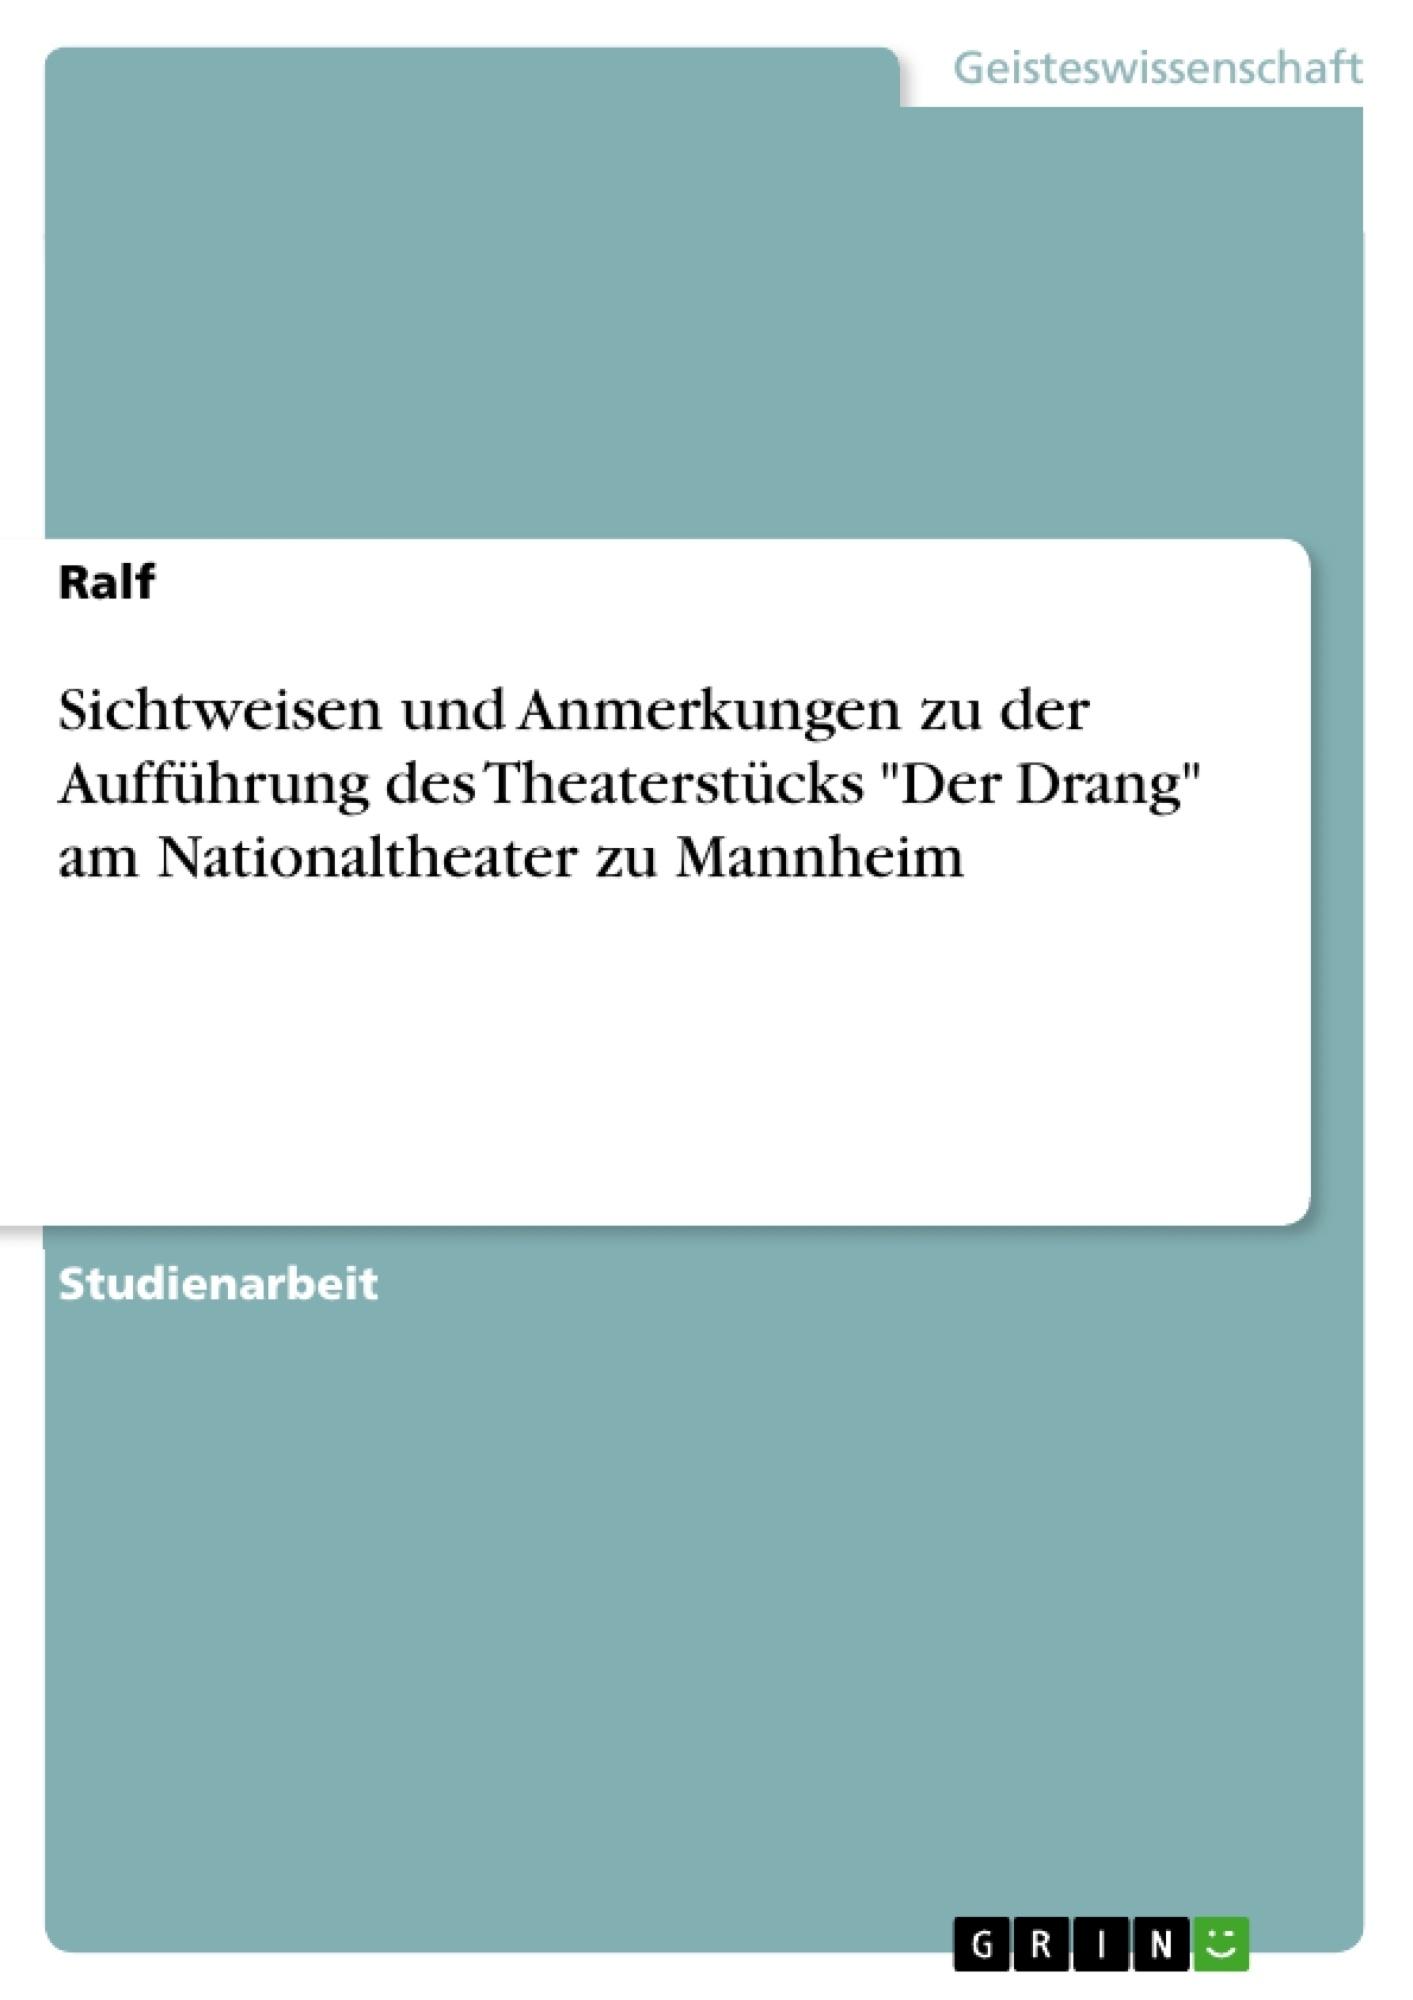 """Titel: Sichtweisen und Anmerkungen zu der Aufführung des Theaterstücks """"Der Drang"""" am Nationaltheater zu Mannheim"""